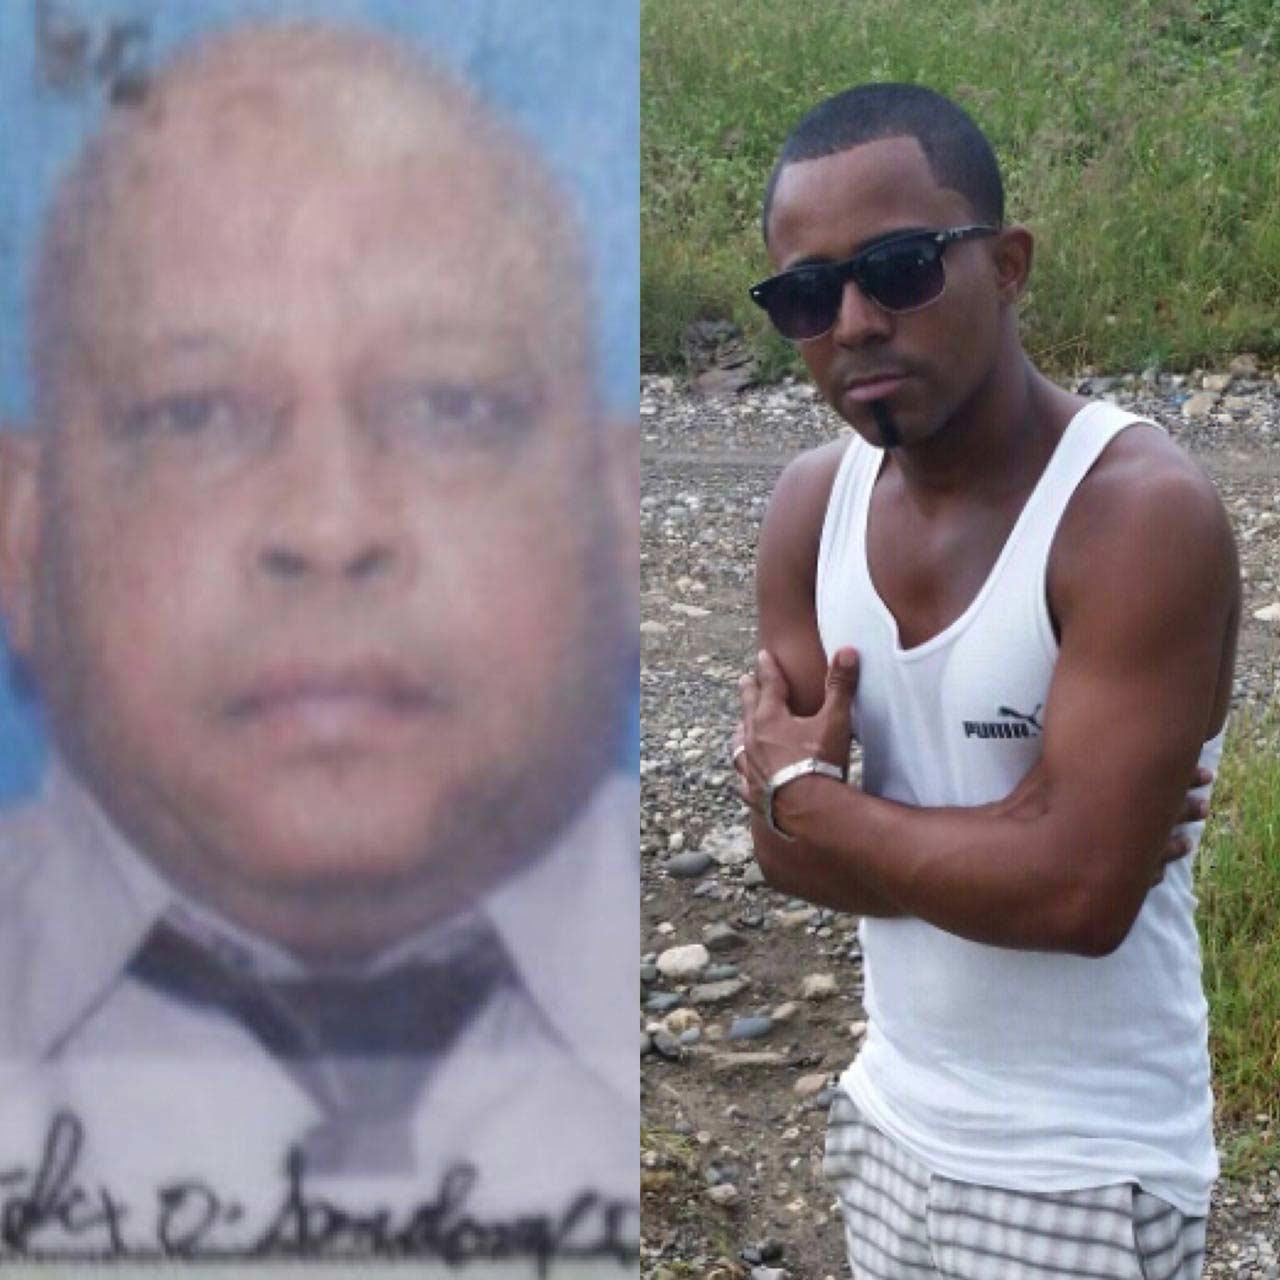 Matan oficial y civil mientras pescaban río Yaque